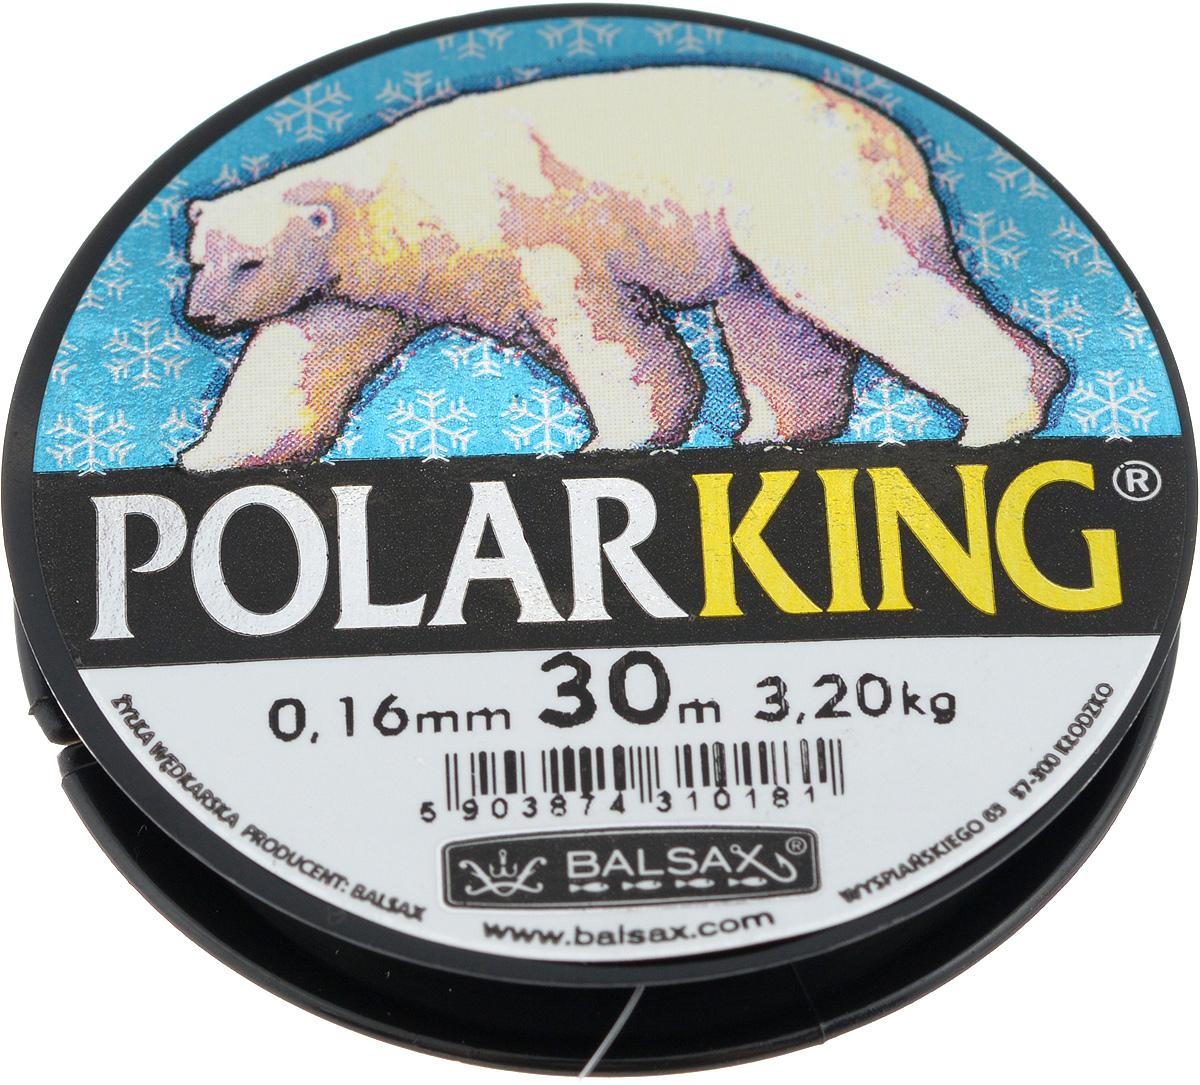 Леска зимняя Balsax Polar King, 30 м, 0,16 мм, 3,2 кг310-13016Леска Balsax Polar King изготовлена из 100% нейлона и очень хорошо выдерживает низкие температуры. Даже в самом холодном климате, при температуре вплоть до -40°C, она сохраняет свои свойства практически без изменений, в то время как традиционные лески становятся менее эластичными и теряют прочность. Поверхность лески обработана таким образом, что она не обмерзает и отлично подходит для подледного лова. Прочна в местах вязки узлов даже при минимальном диаметре.